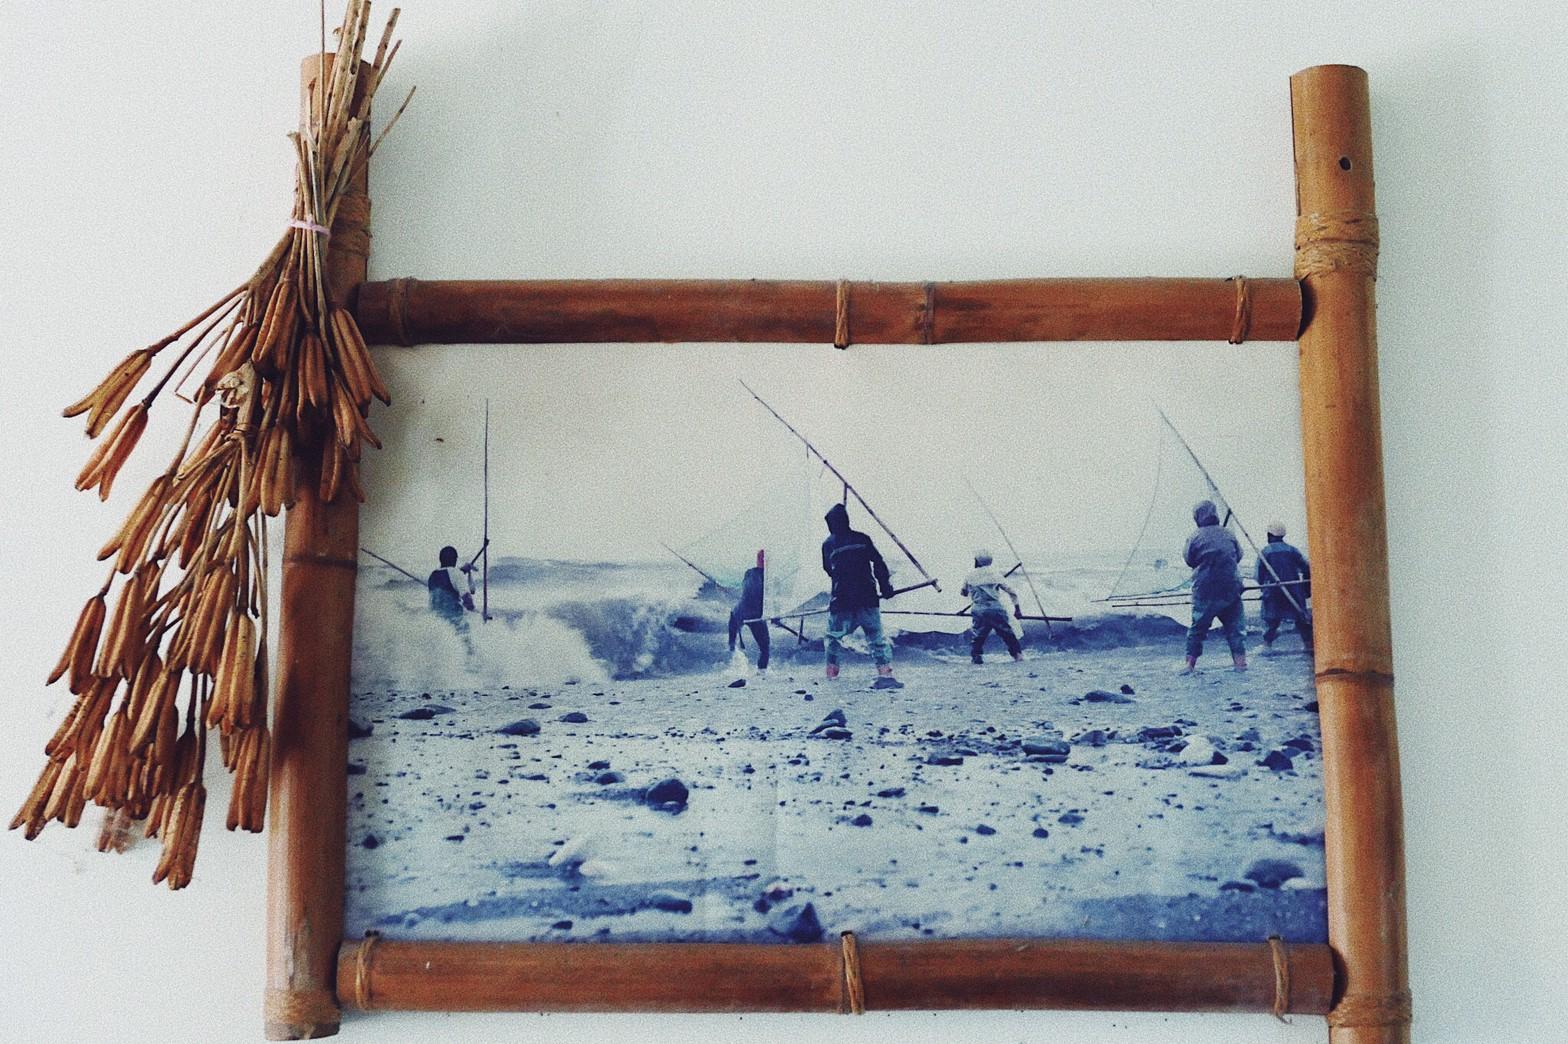 Nakaw老師的攝影作品,她笑說相框是她的工藝品。